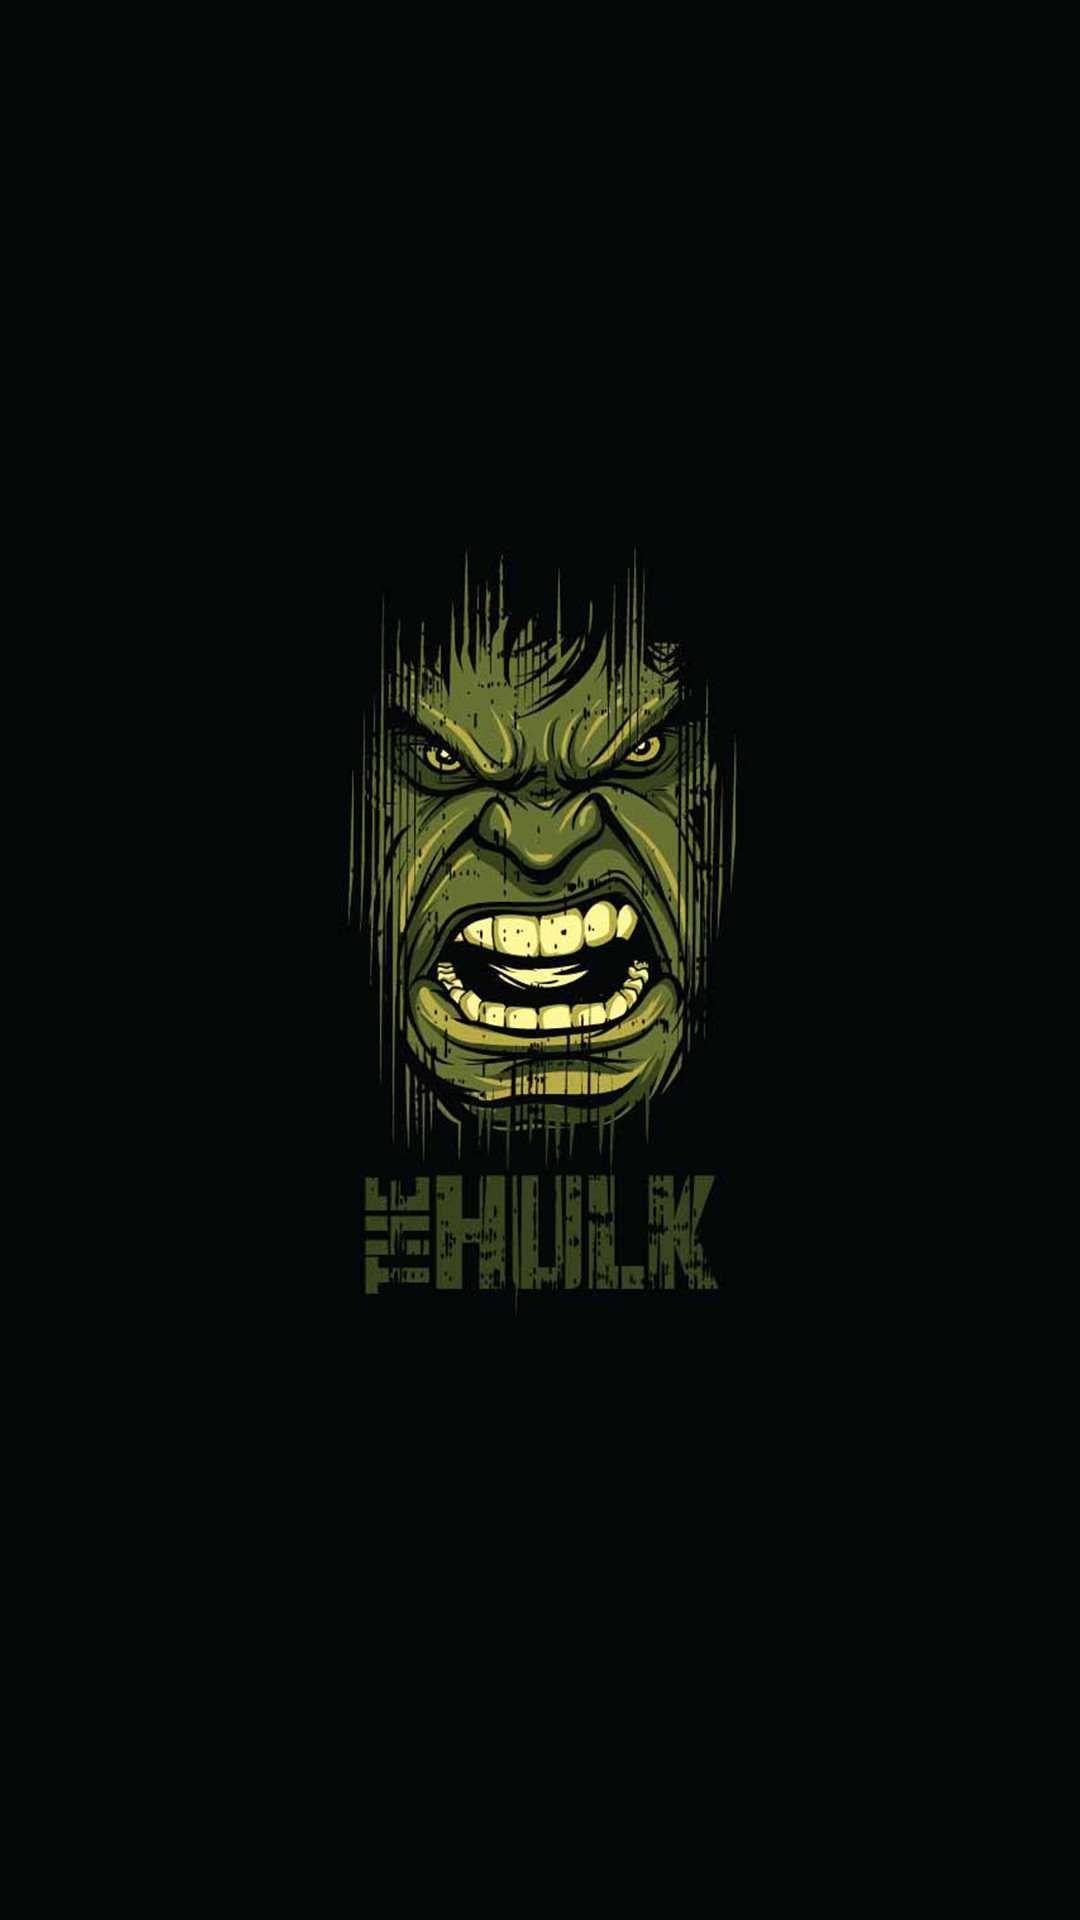 Hulk Avengers Wallpaper Hulk Avengers Hulk Marvel Avengers Wallpaper